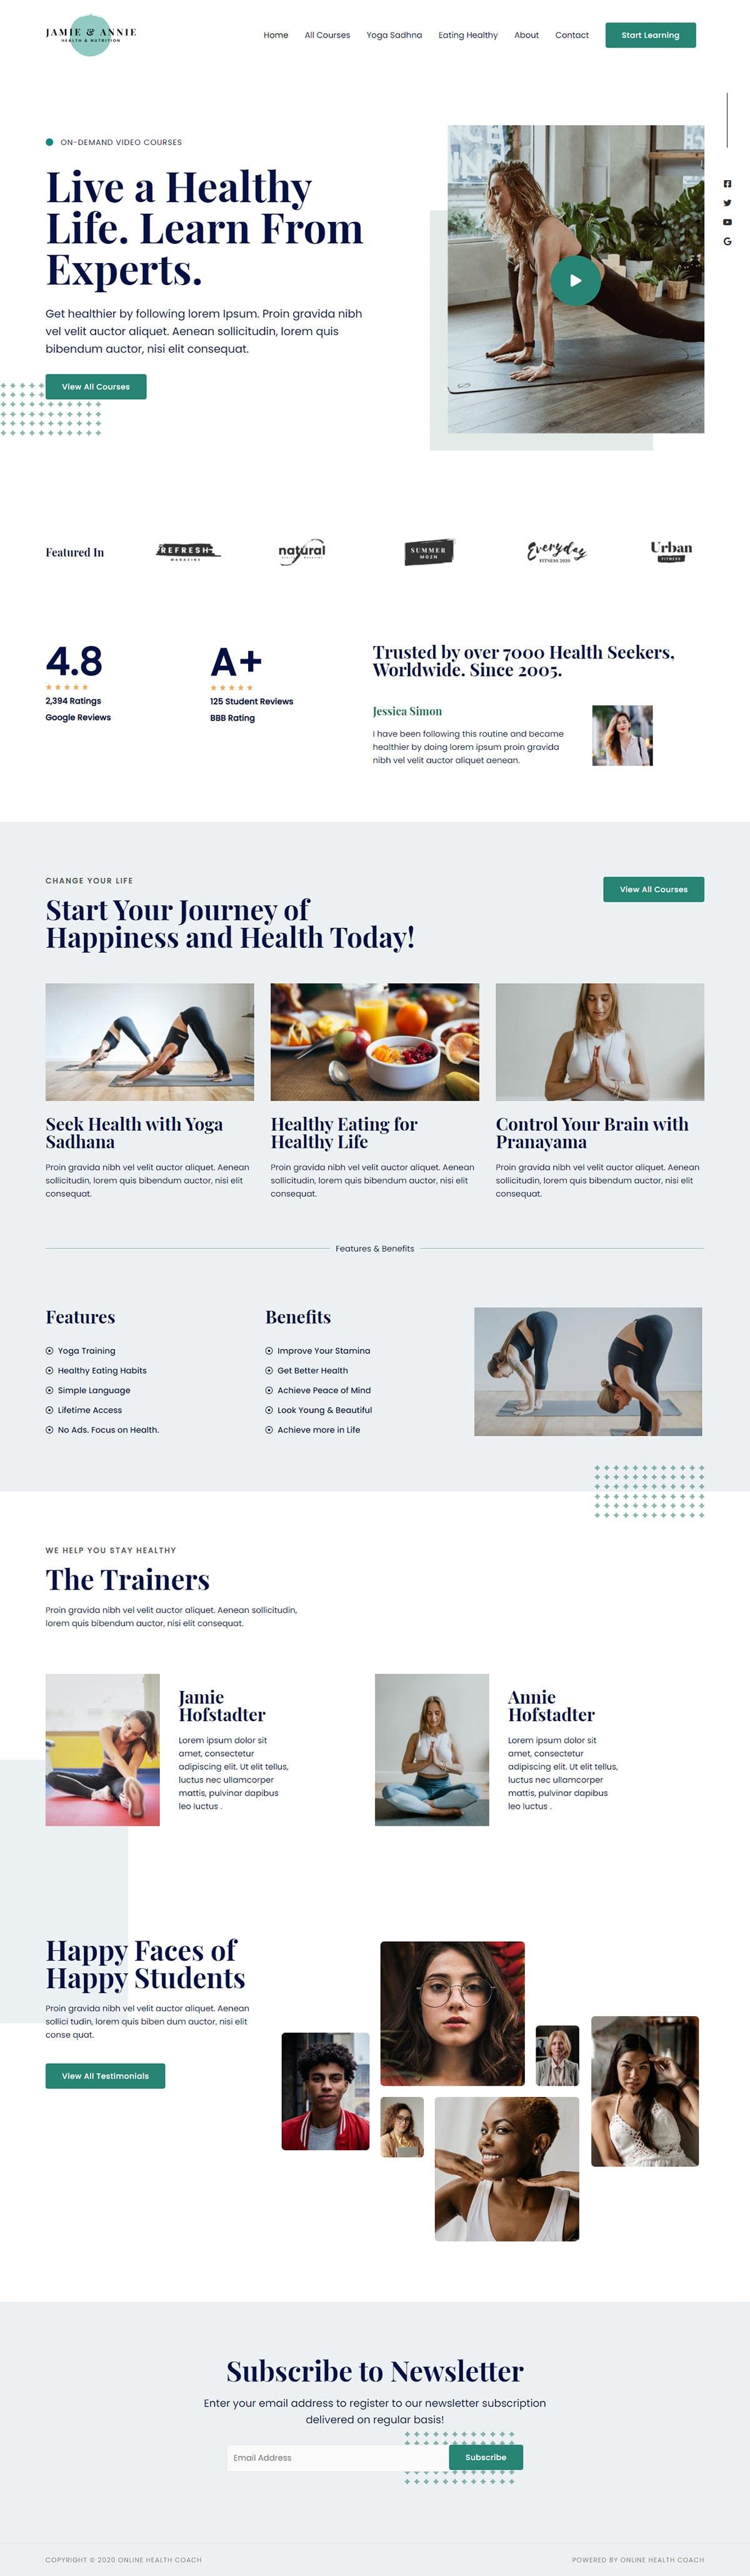 Готовый сайт онлайн курсов по психологии. Создание сайтов в Костроме